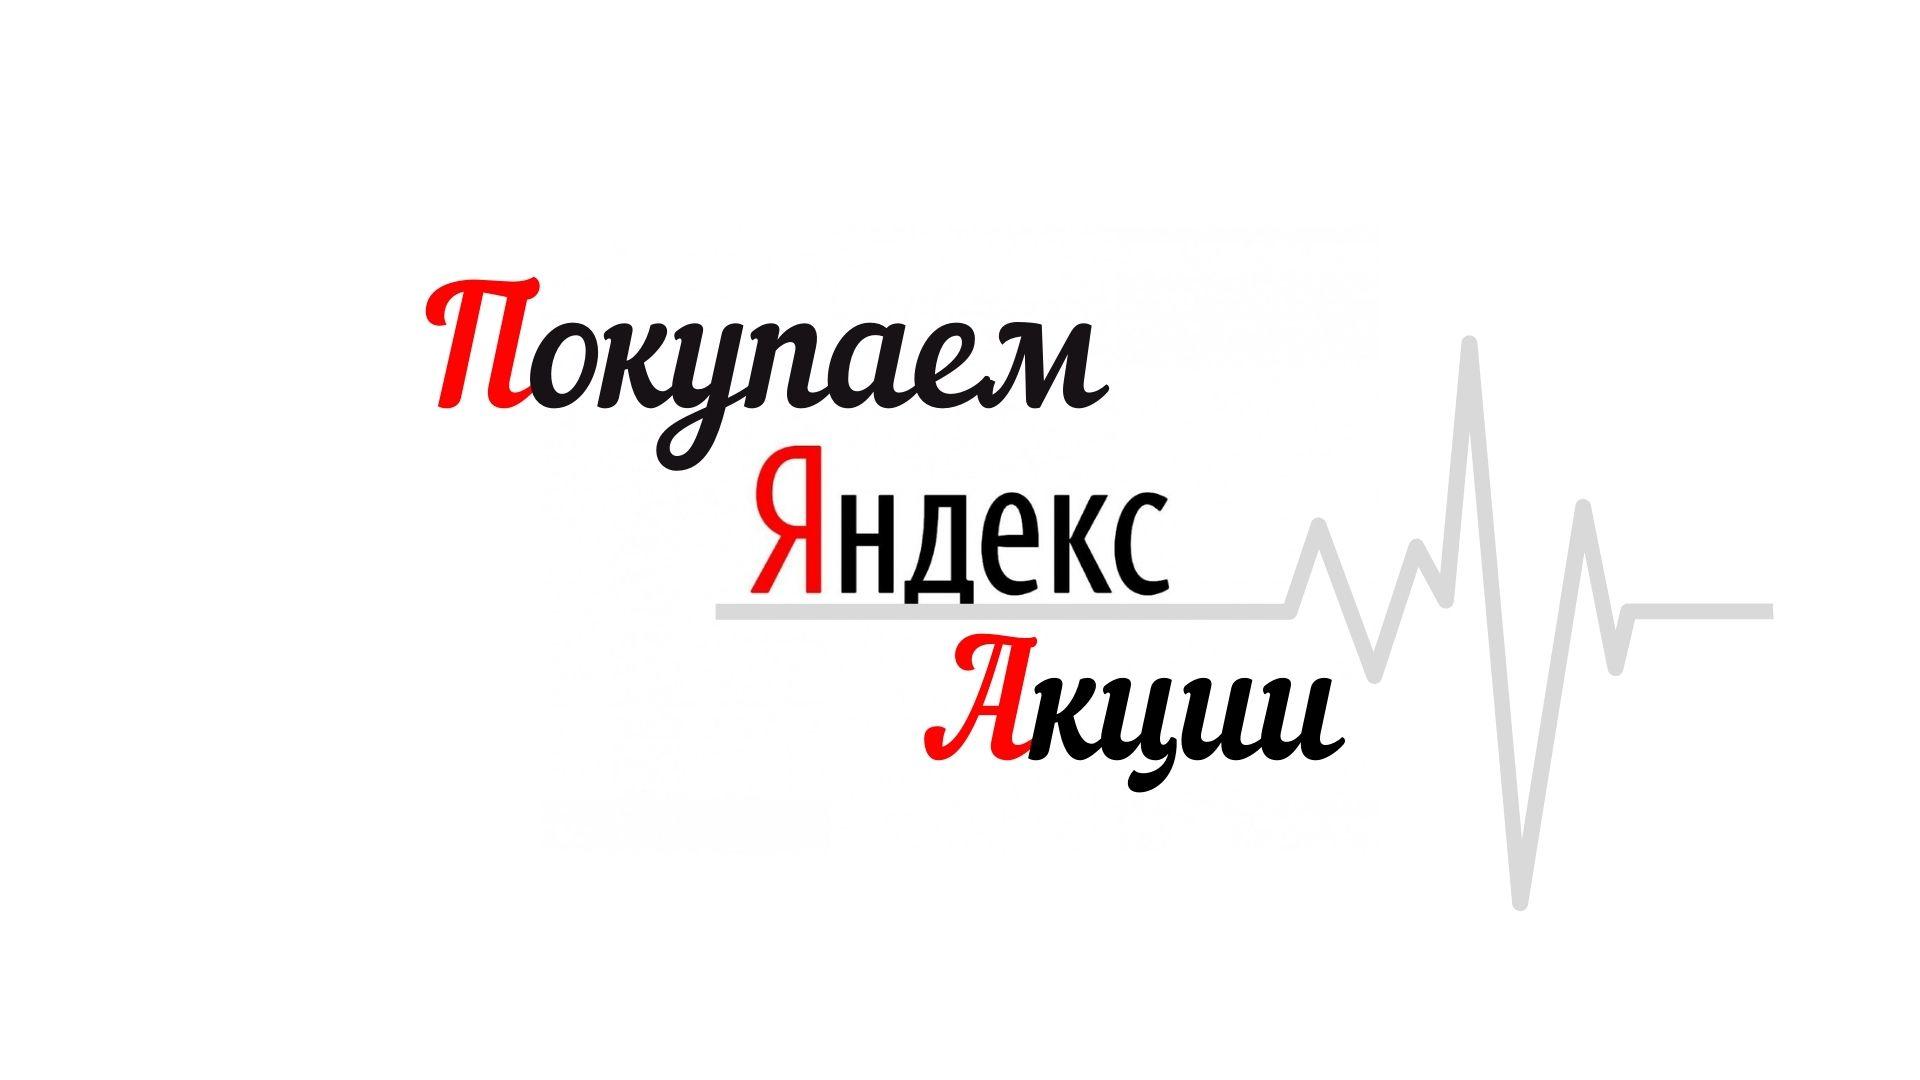 Как купить акции Яндекса физическому лицу. Инструкция по шагам